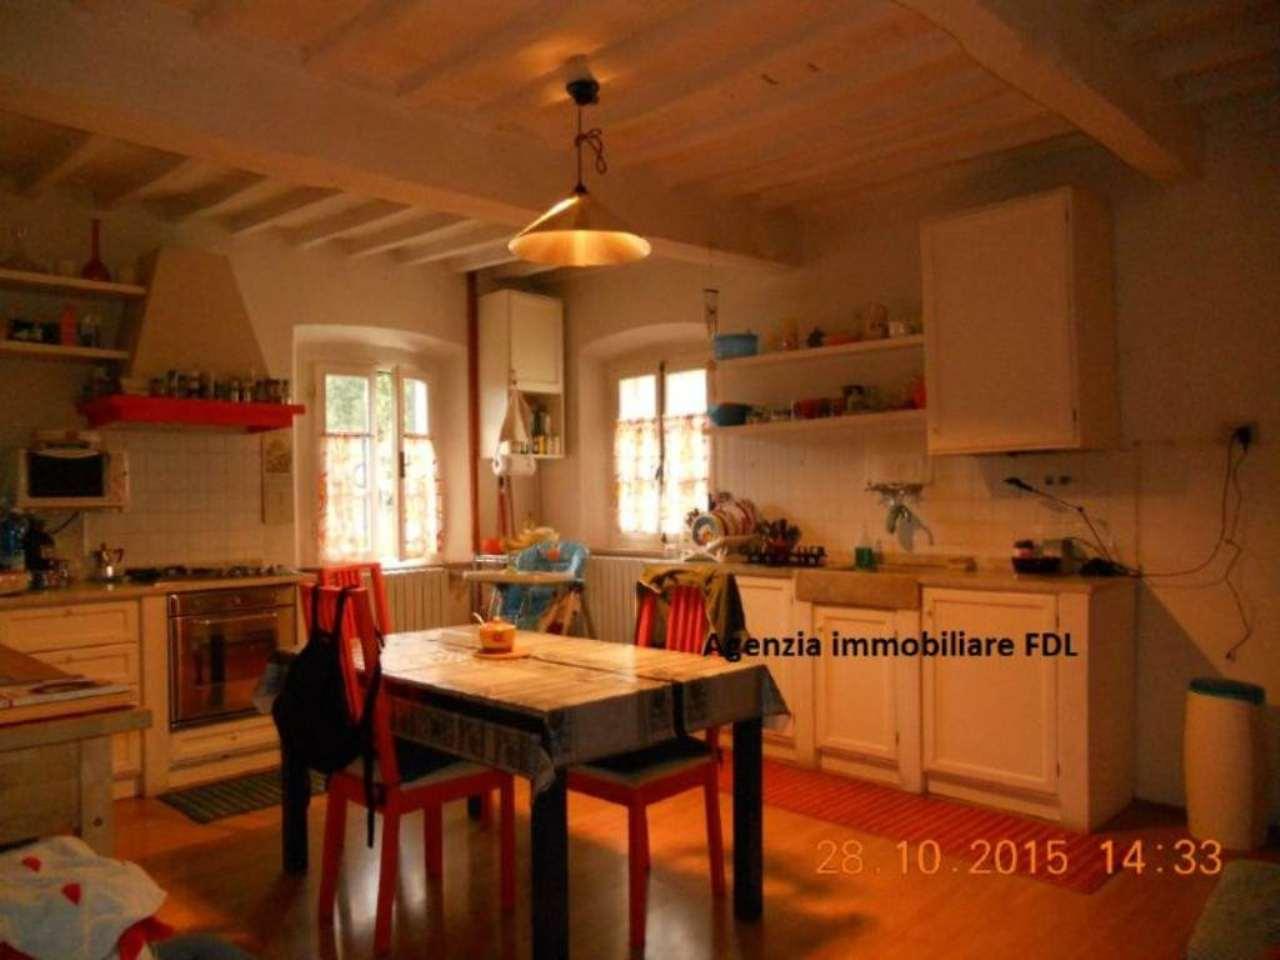 Palazzo / Stabile in vendita a Palaia, 7 locali, prezzo € 199.000 | CambioCasa.it